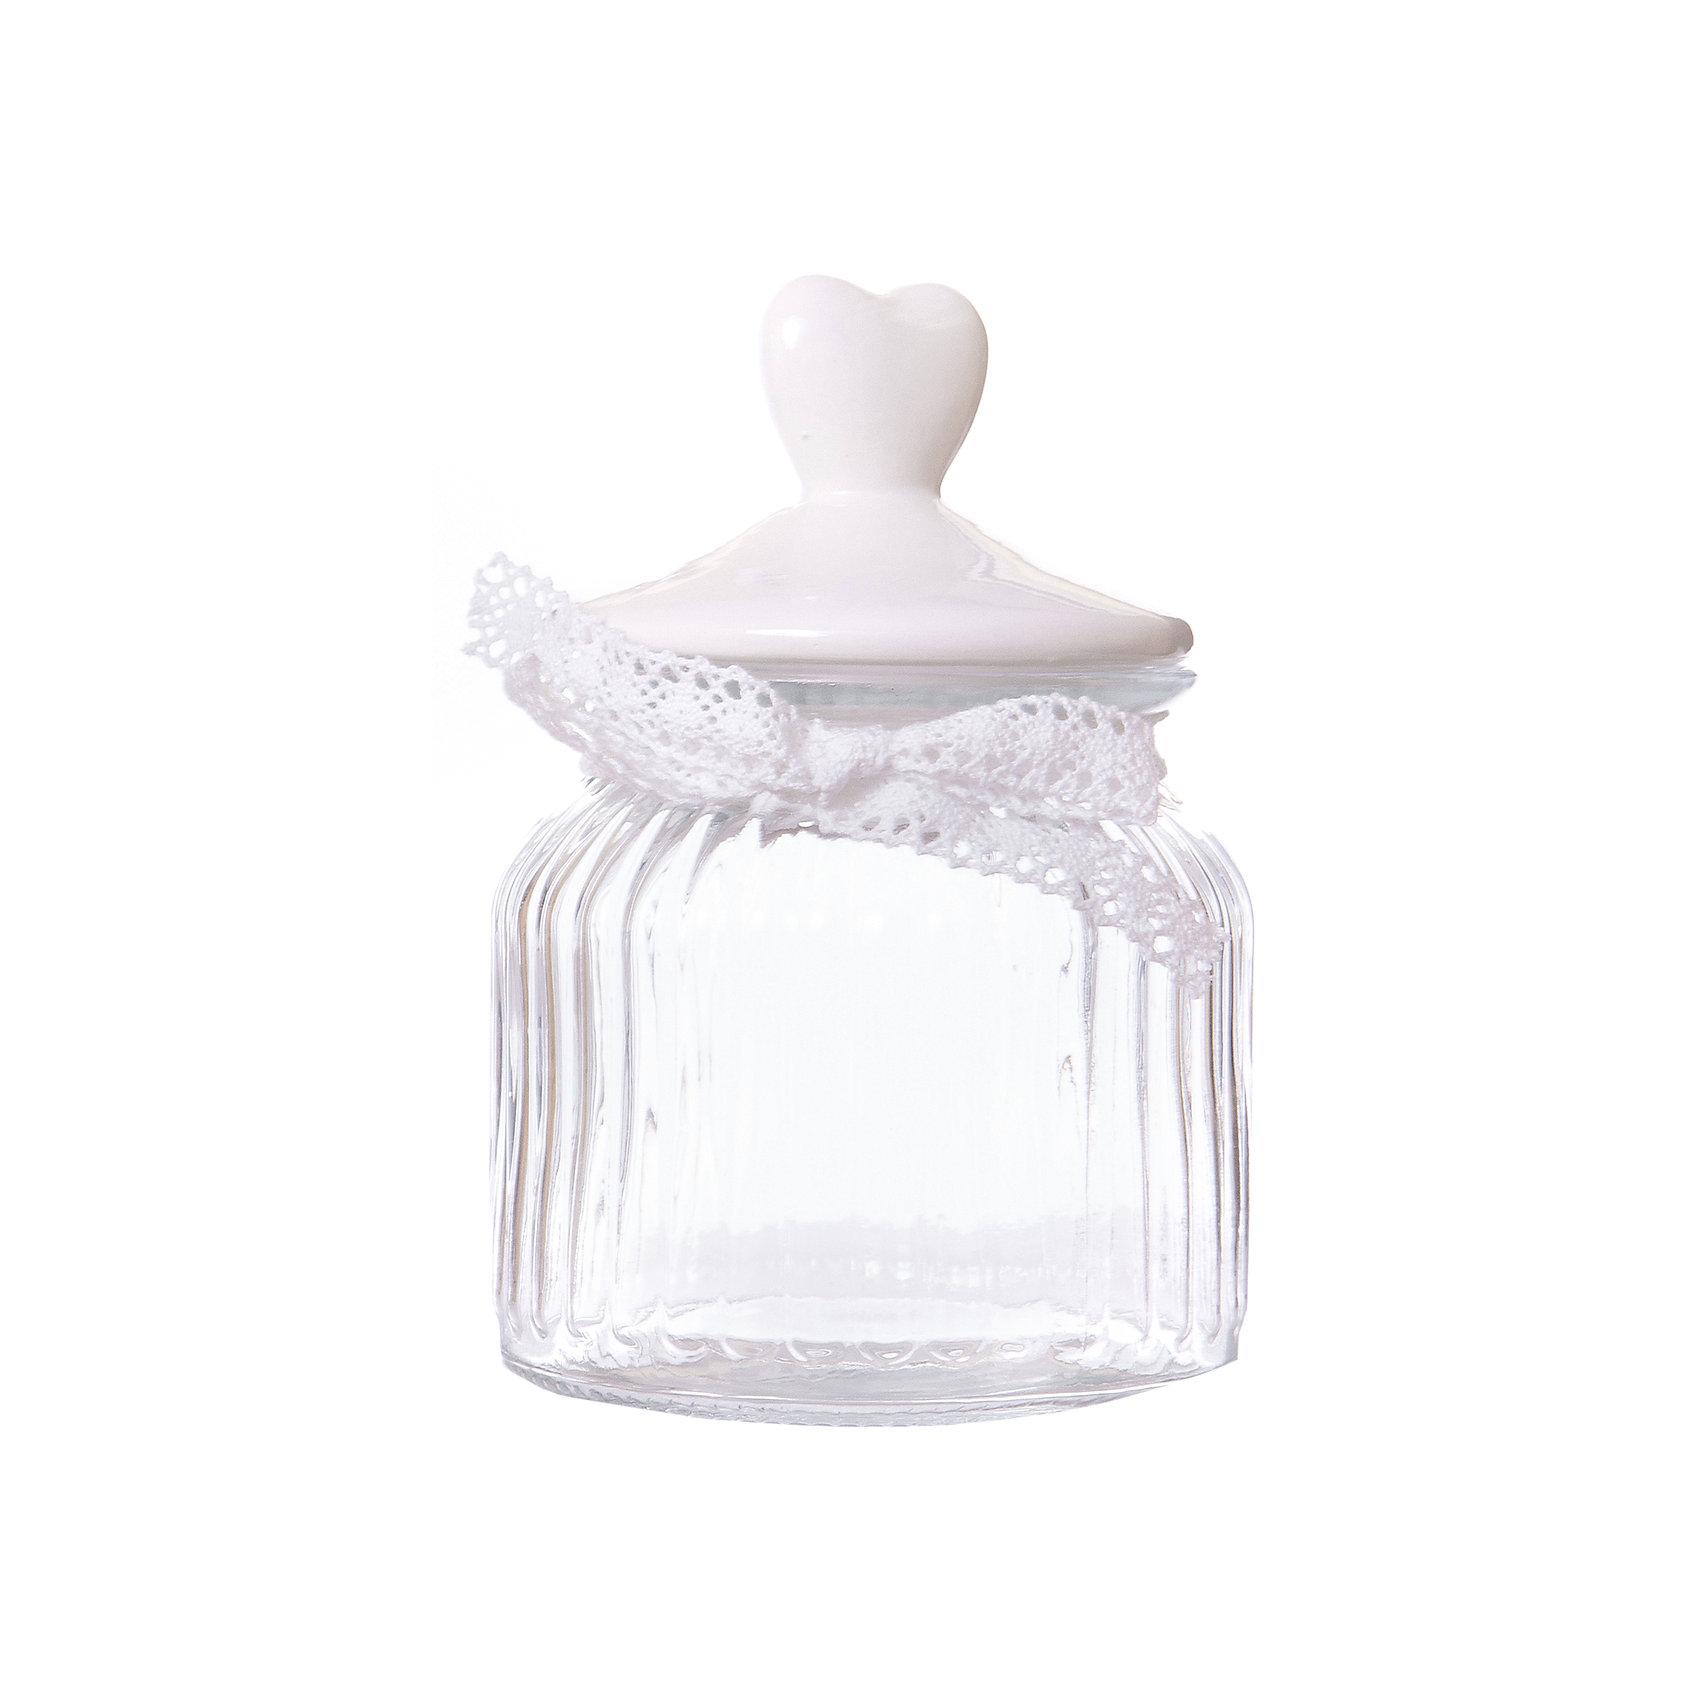 Стеклянная ёмкость для продуктов Белое сердечко, объем 600 мл., Феникс-ПрезентСтеклянная ёмкость для продуктов Белое сердечко, объем 600 мл., с декоративной крышкой из керамики. Прекрасно впишется в  интерьер любой кухни.<br><br>Ширина мм: 193<br>Глубина мм: 114<br>Высота мм: 114<br>Вес г: 596<br>Возраст от месяцев: 120<br>Возраст до месяцев: 2147483647<br>Пол: Унисекс<br>Возраст: Детский<br>SKU: 5449525